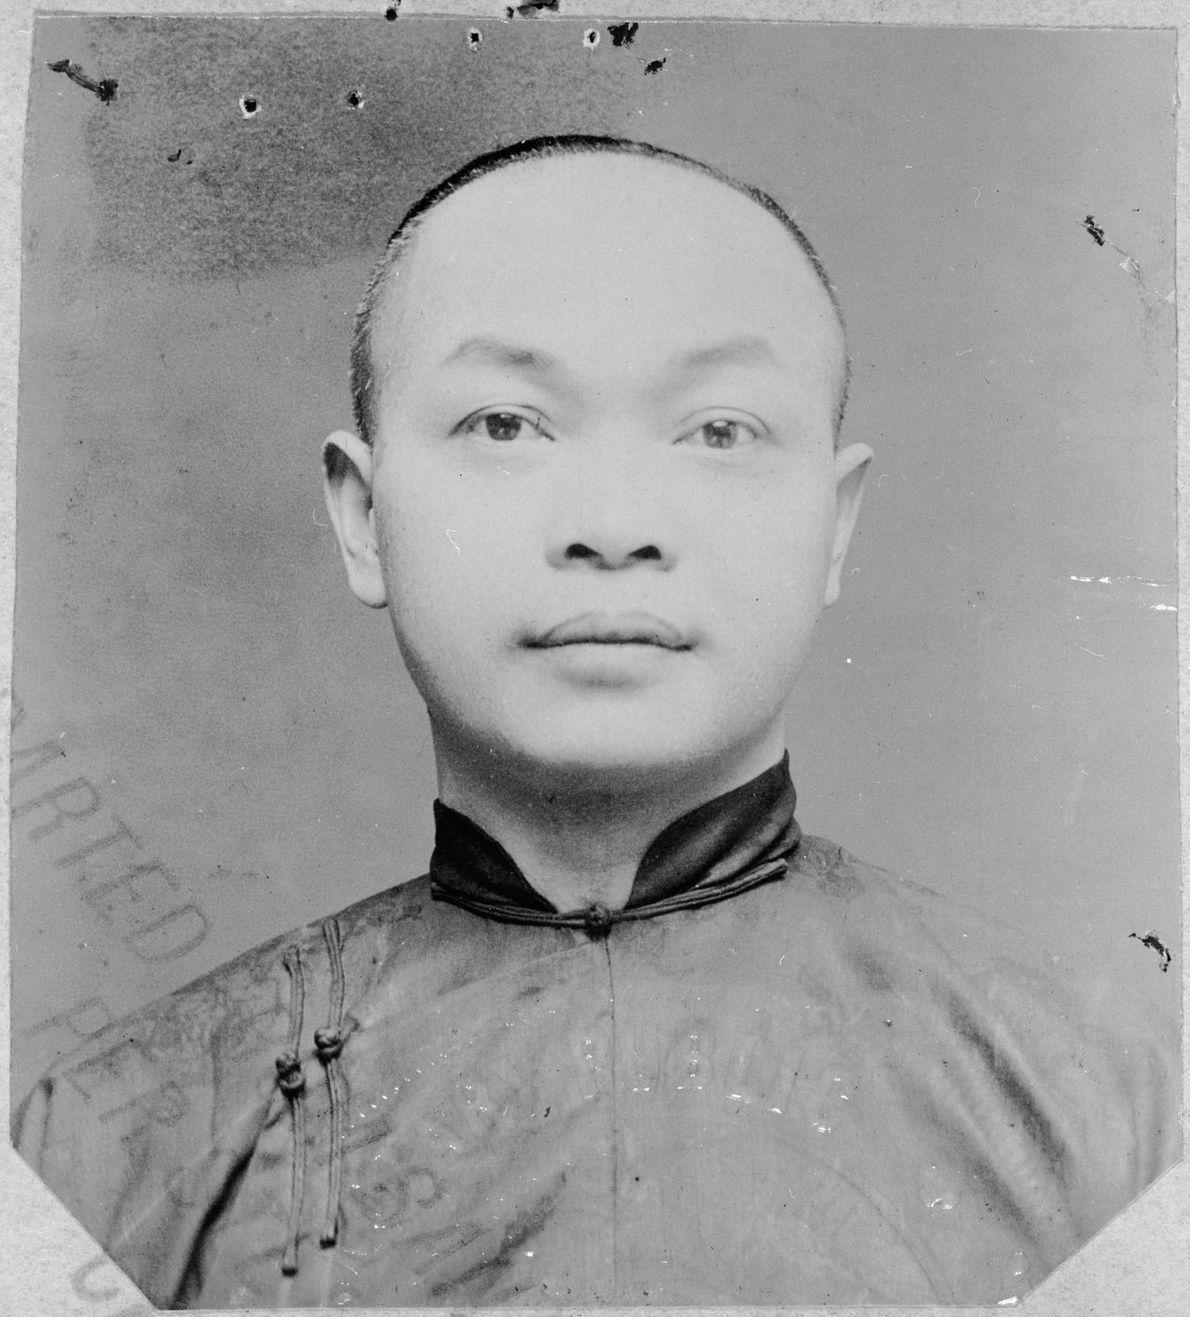 OS ESTADOS UNIDOS CONTRA WONG KIM ARK, 1898